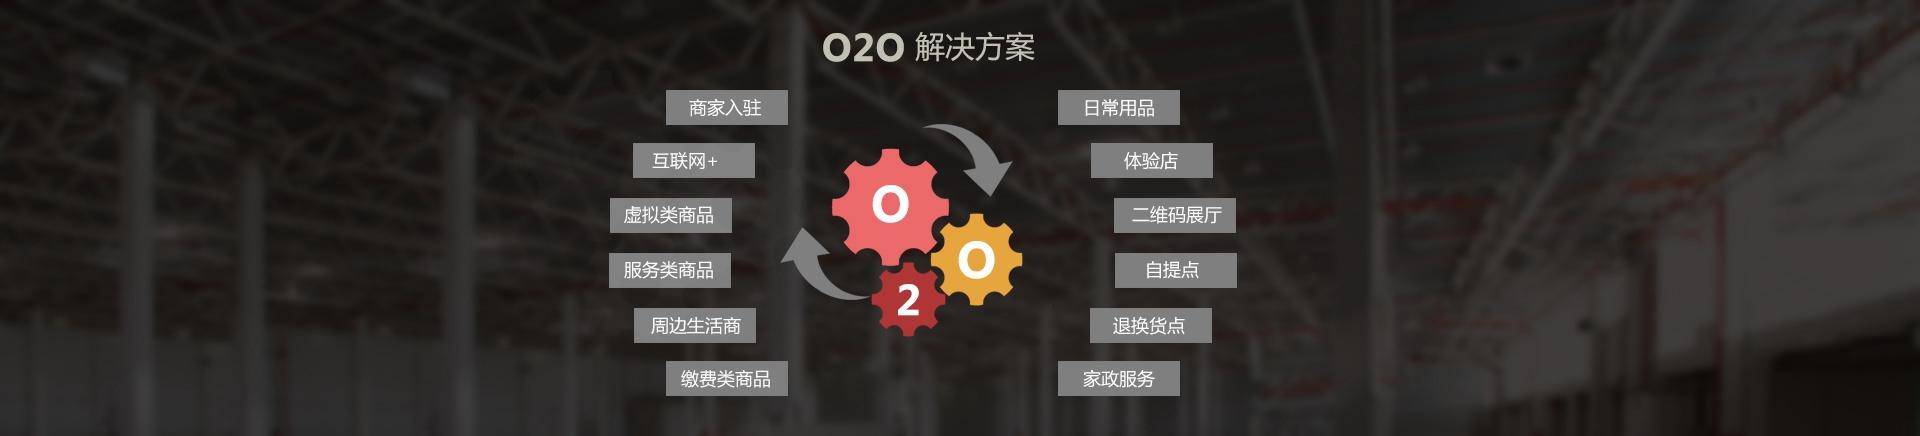 O2O电商平台解决方案